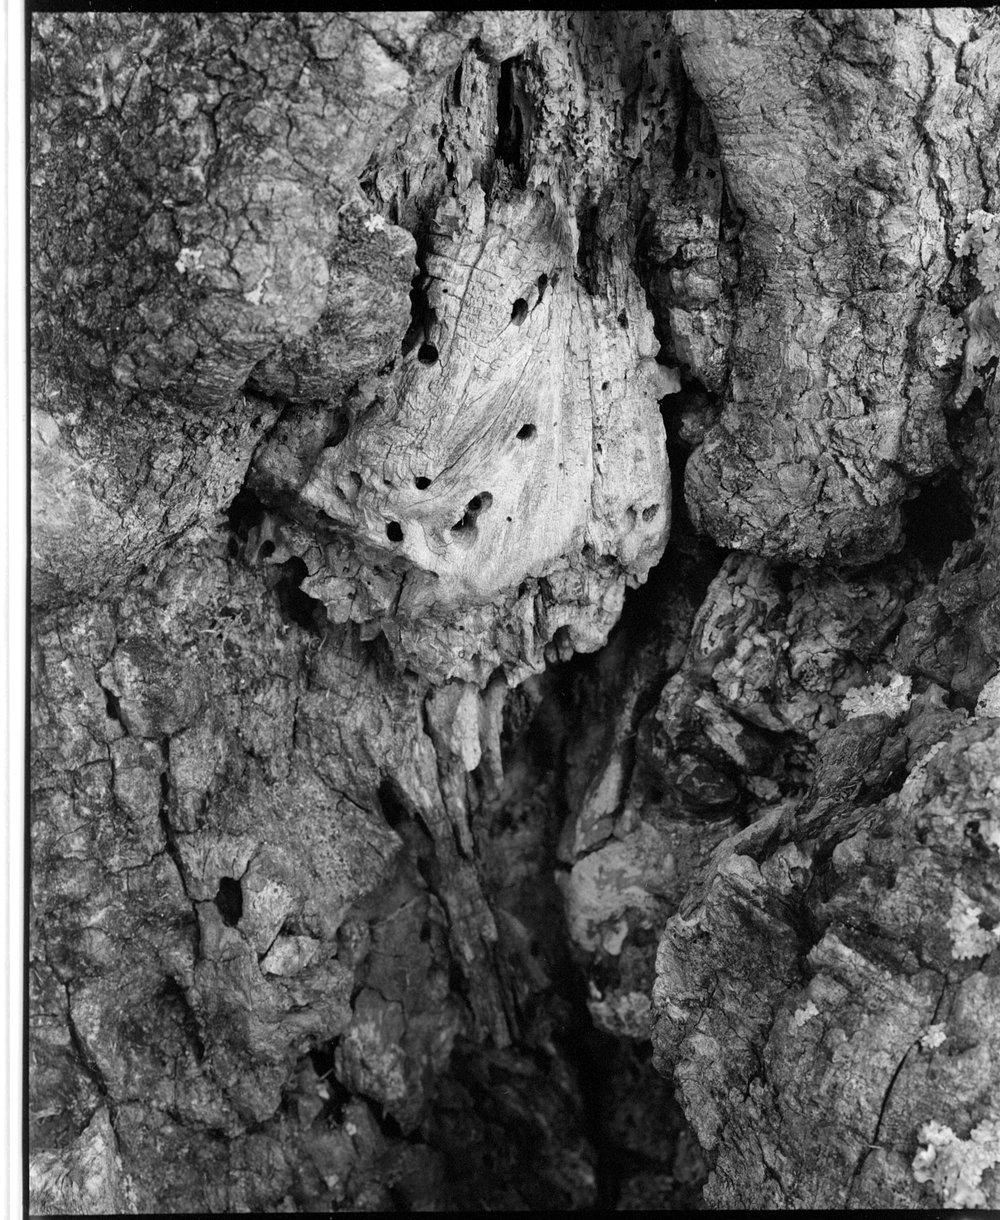 Diseased Dogwood